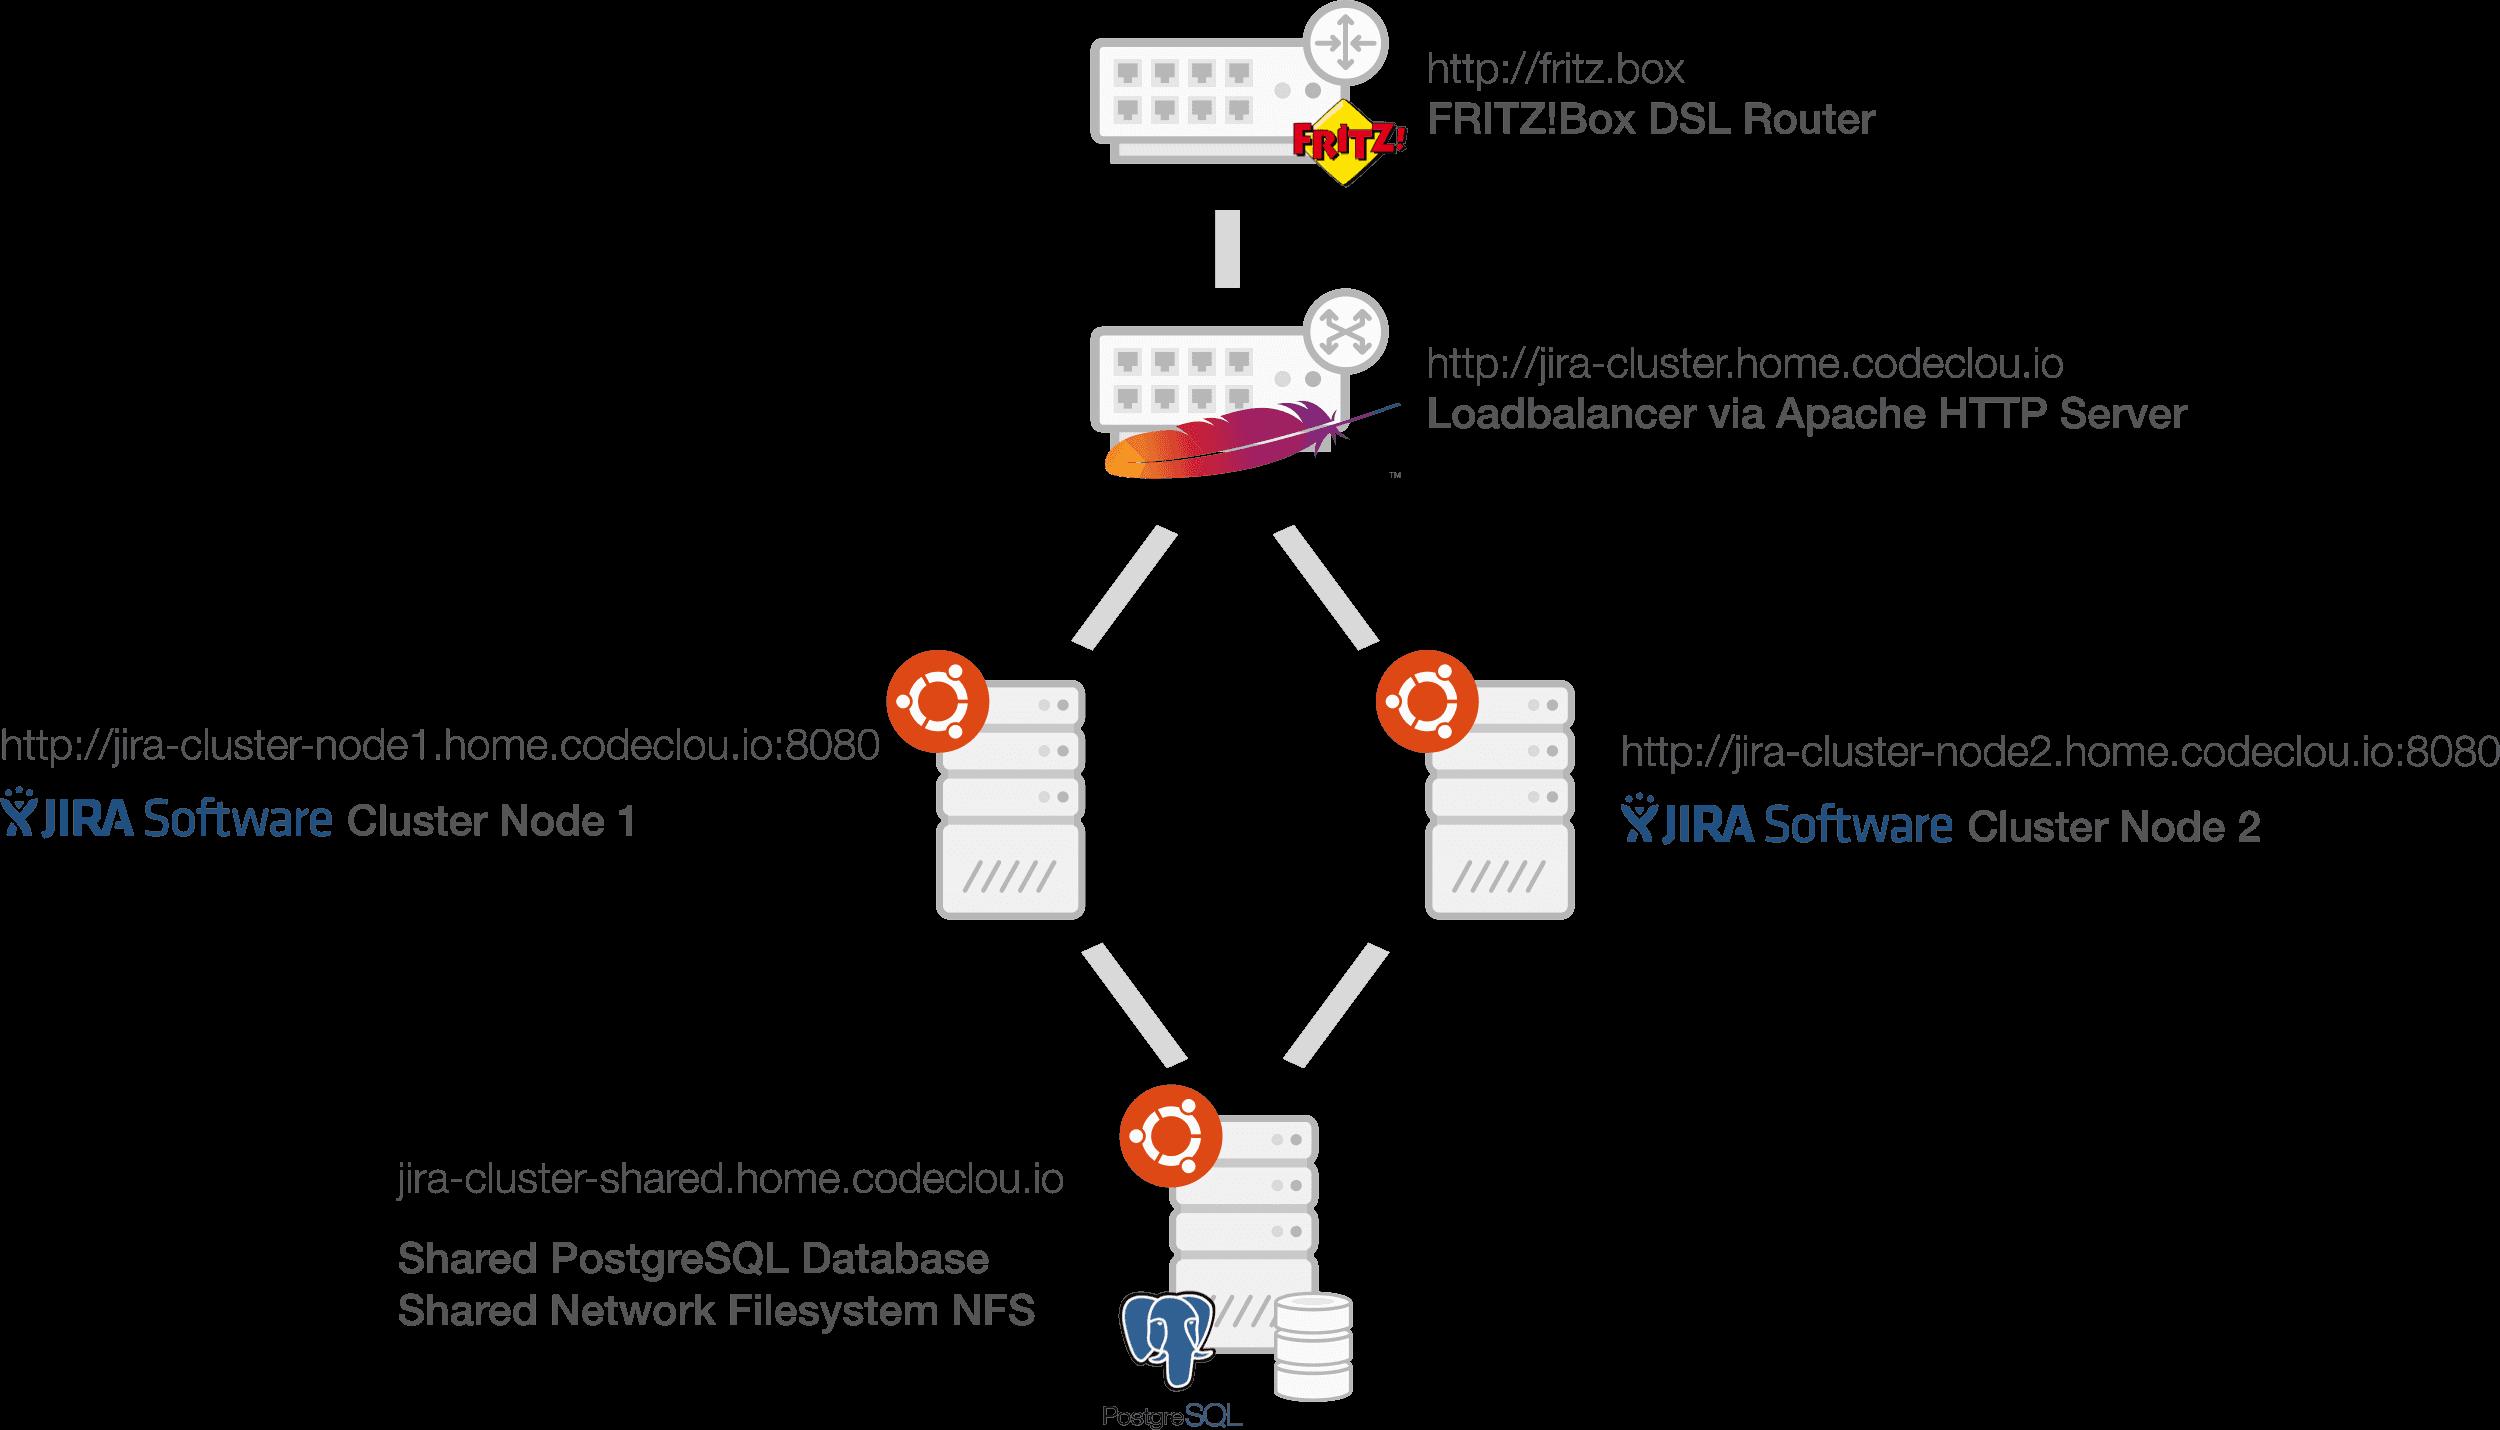 JIRA Data Center Cluster Network Diagram